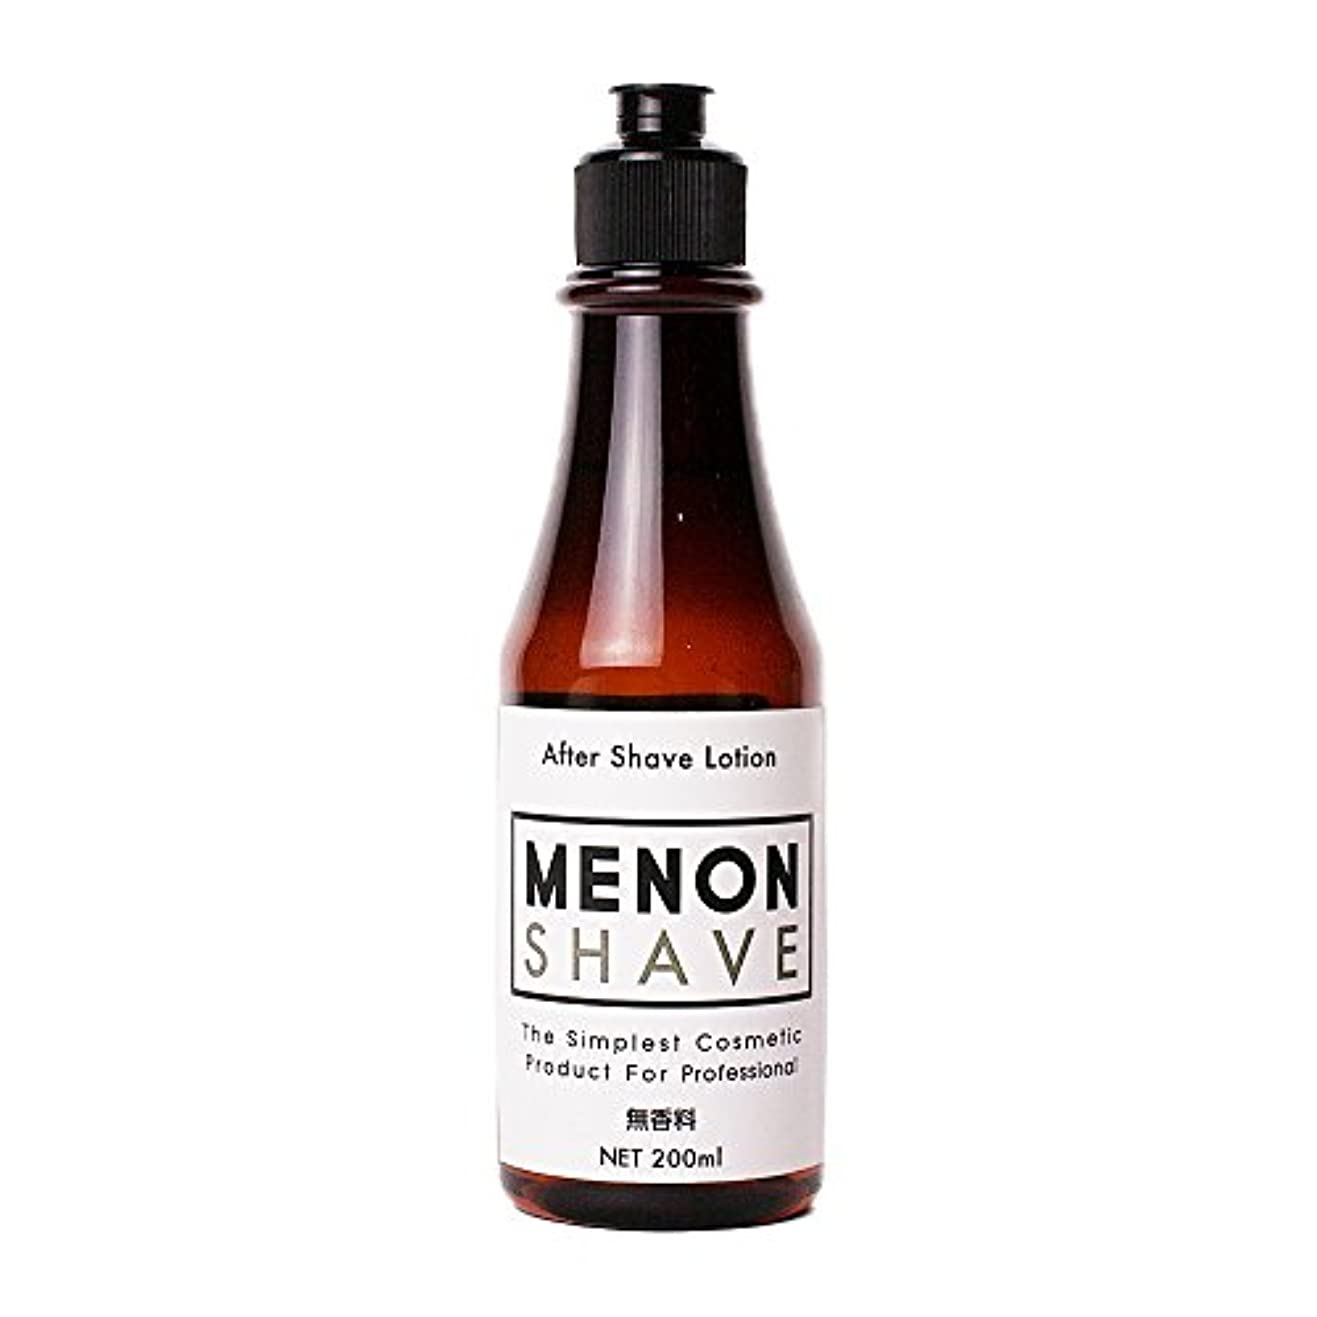 専門化する率直なレキシコンMENON メノン アフターシェーブローション 200ml 青髭対策 濃いひげ 青ひげに 抑毛効果の期待できる植物エキス配合